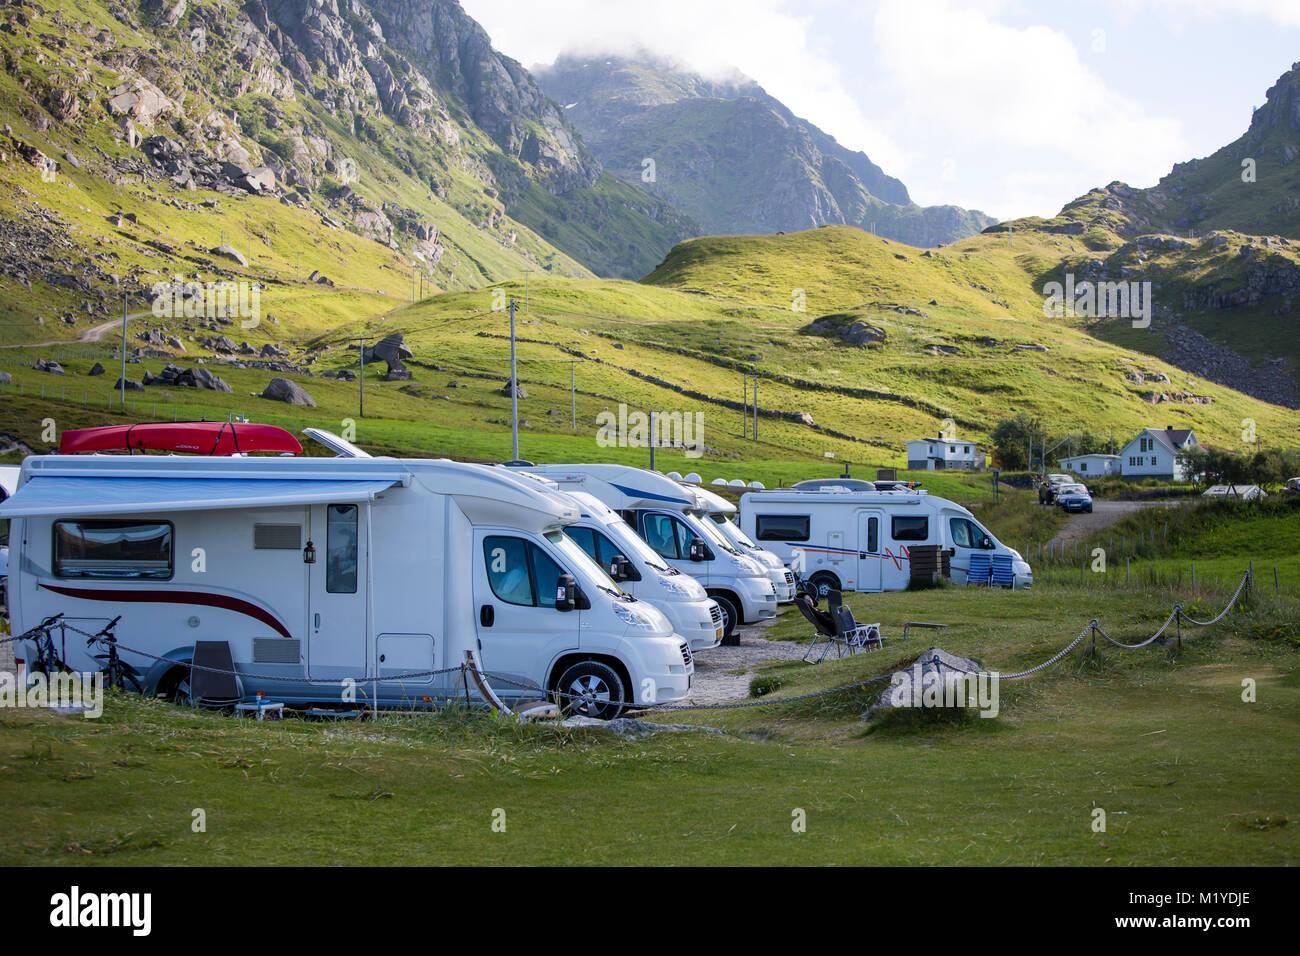 Eine Reihe von RV: s oder Wohnmobile sind Parken über Nacht auf dem Parkplatz am Strand Haukland, Lofoten, Norwegen. Stockfoto